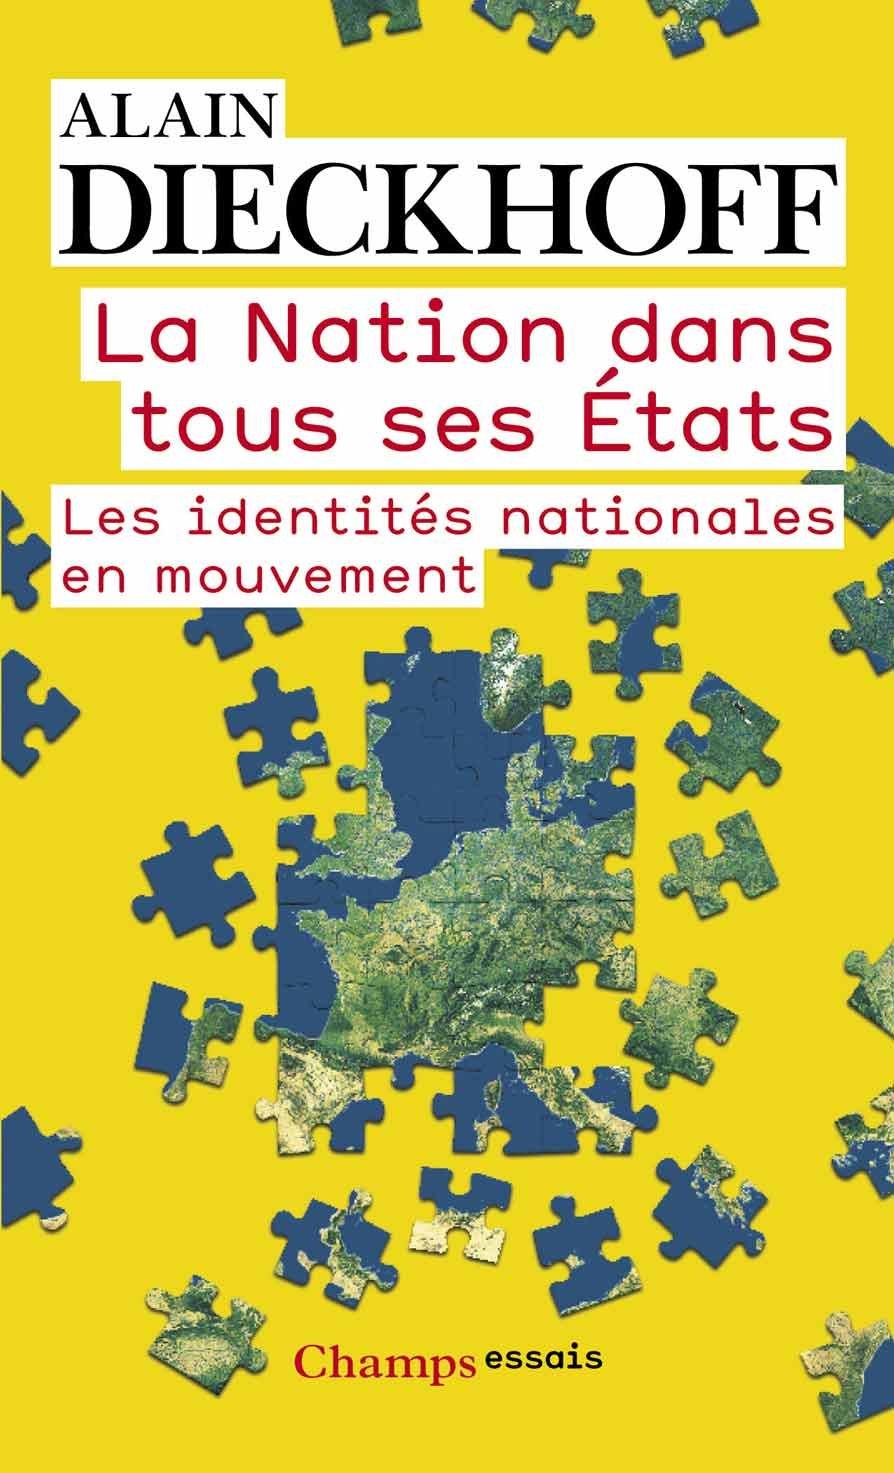 La Nation dens tous ses États : Les identités nationales en mouvement